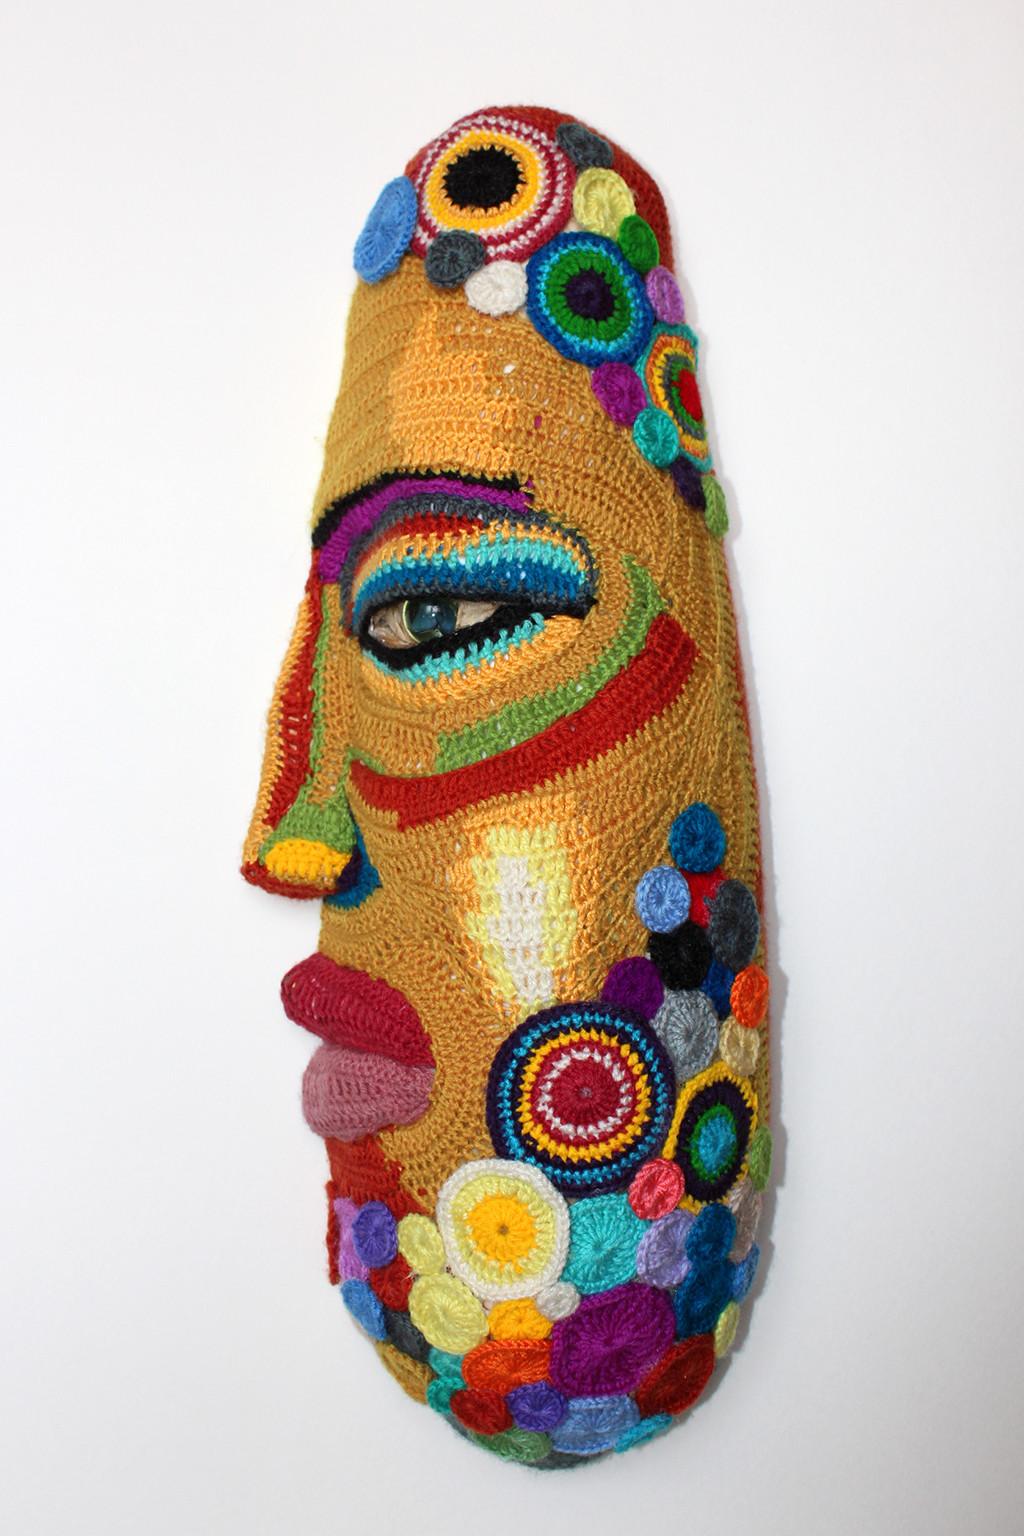 MASK-12 by Archana Rajguru, Art Deco Sculpture   3D, Mixed Media, Gray color